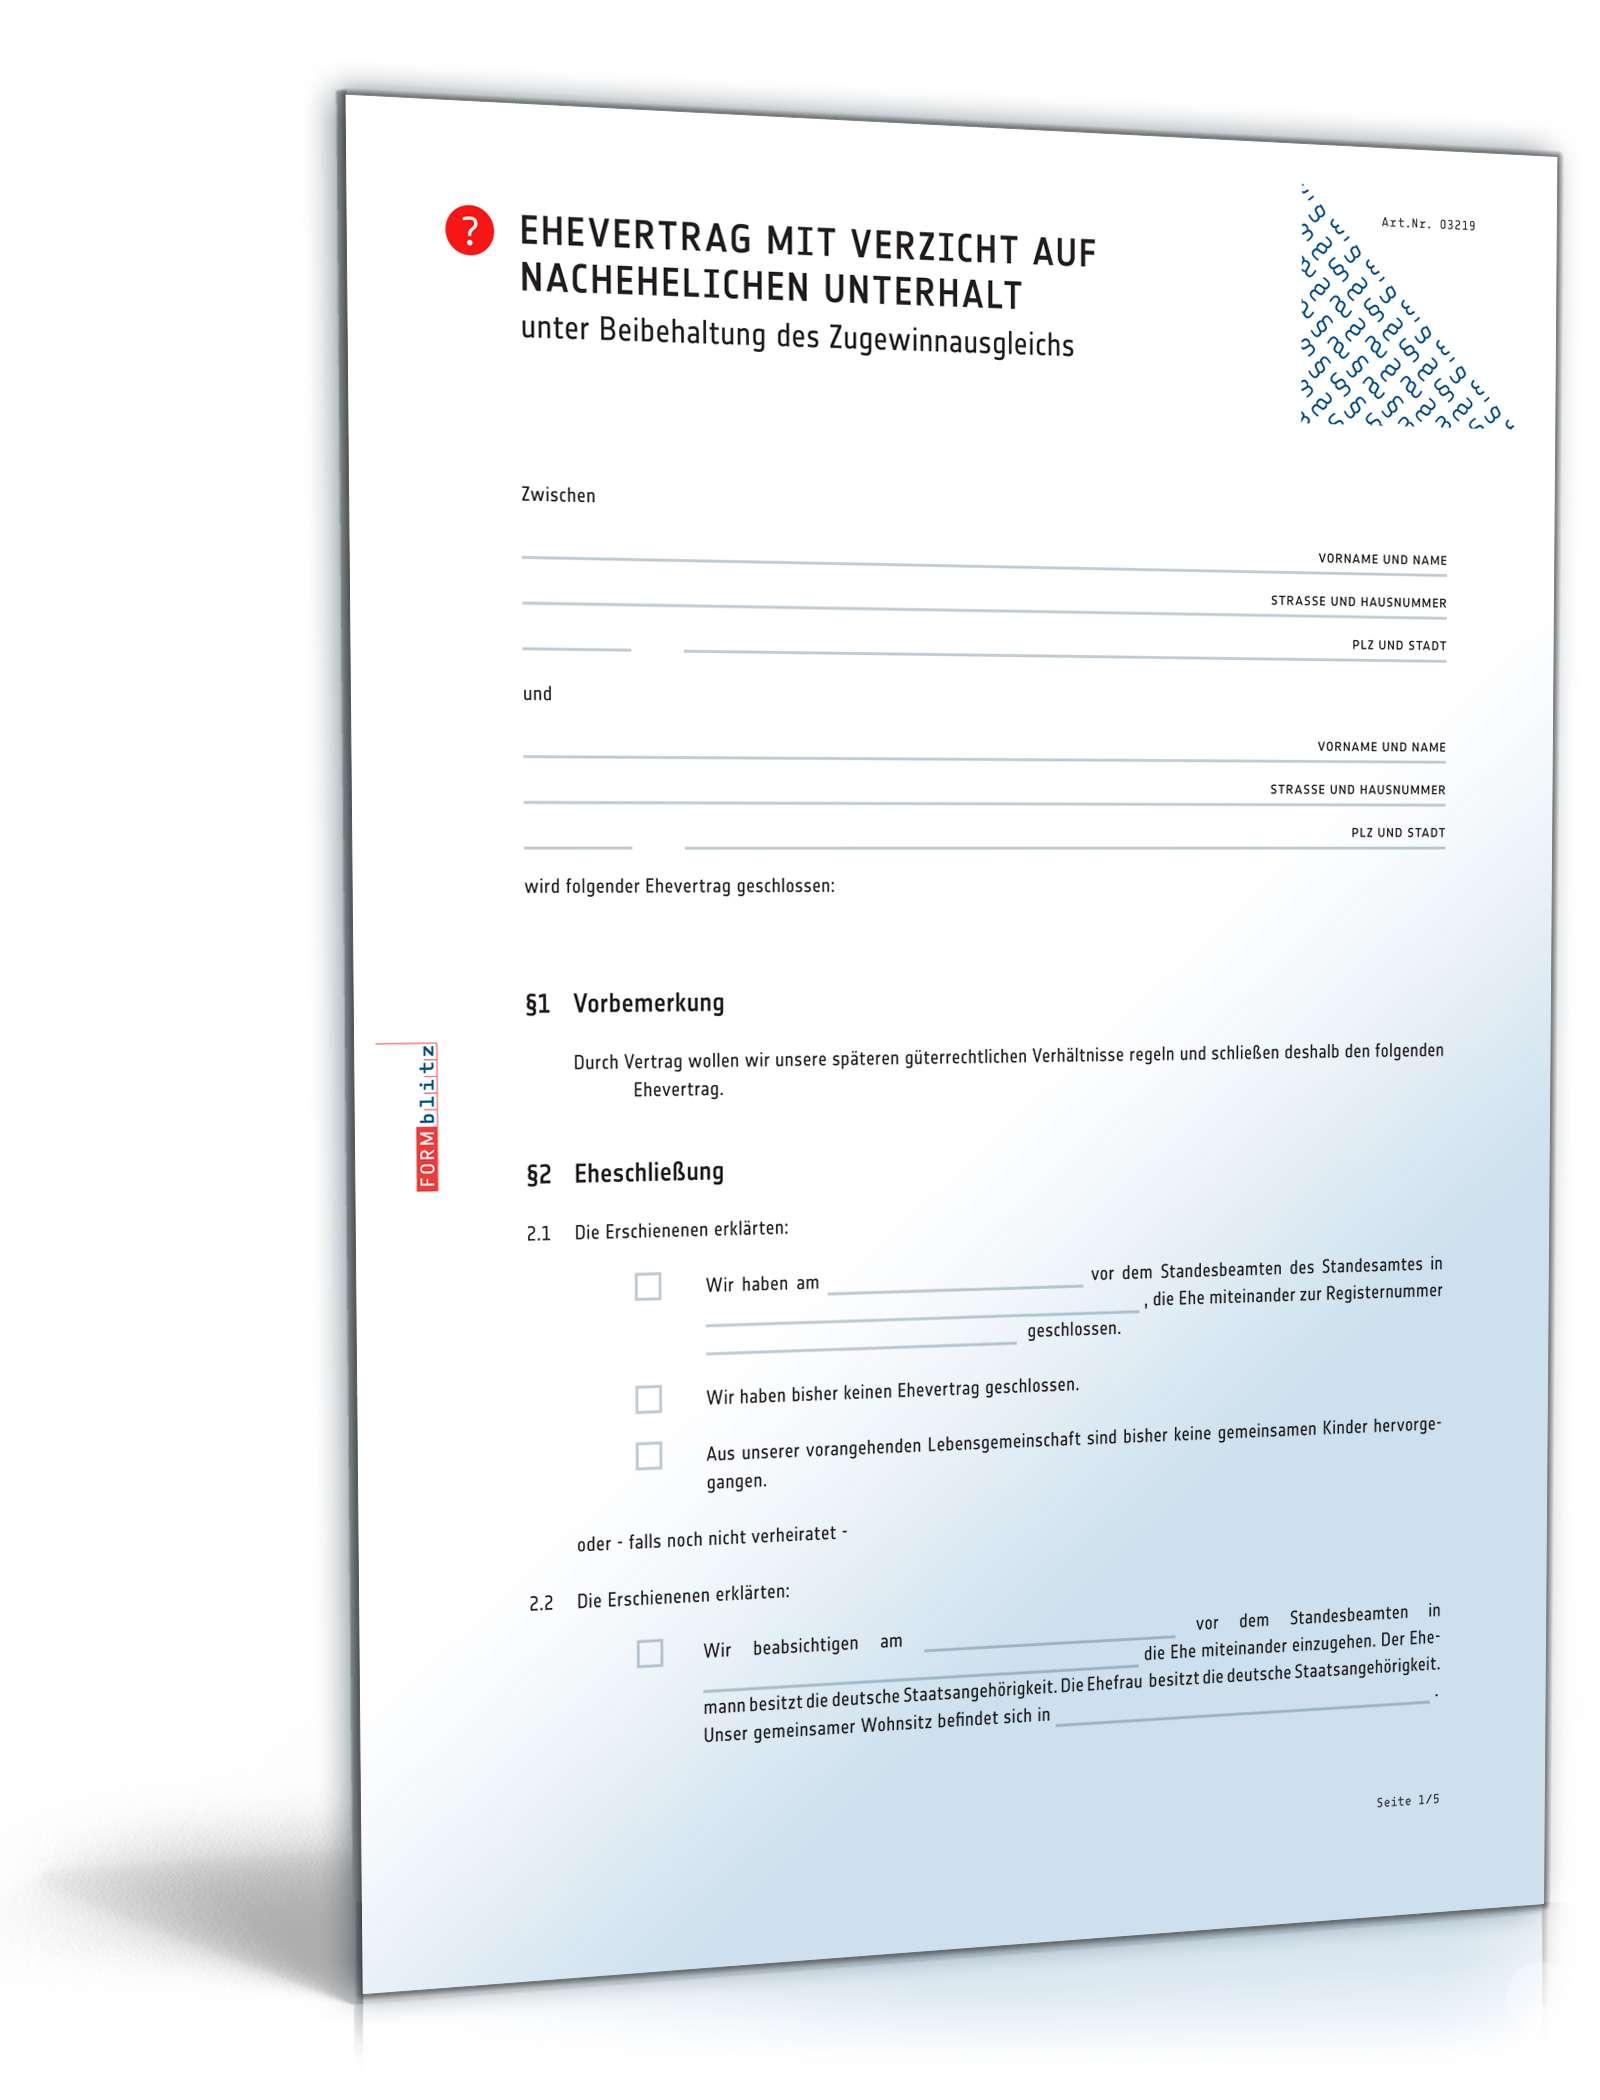 Ehevertrag Verzicht Auf Unterhalt Muster Zum Download